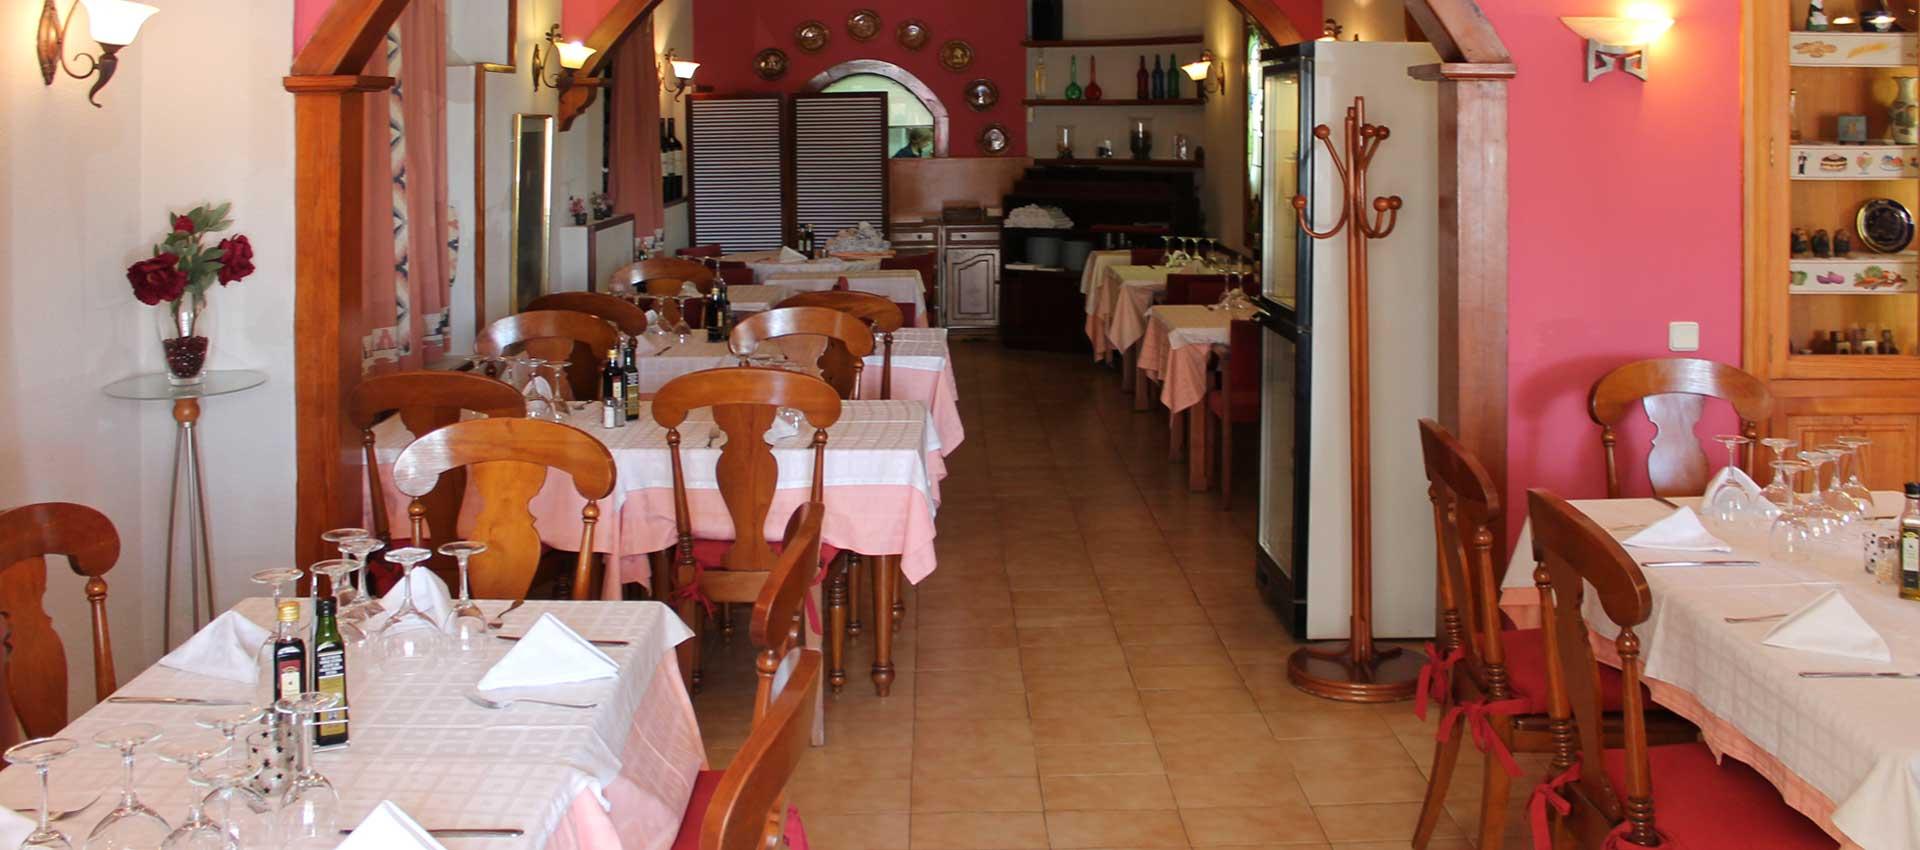 restaurante-pizzeria-la-placita-slider-06